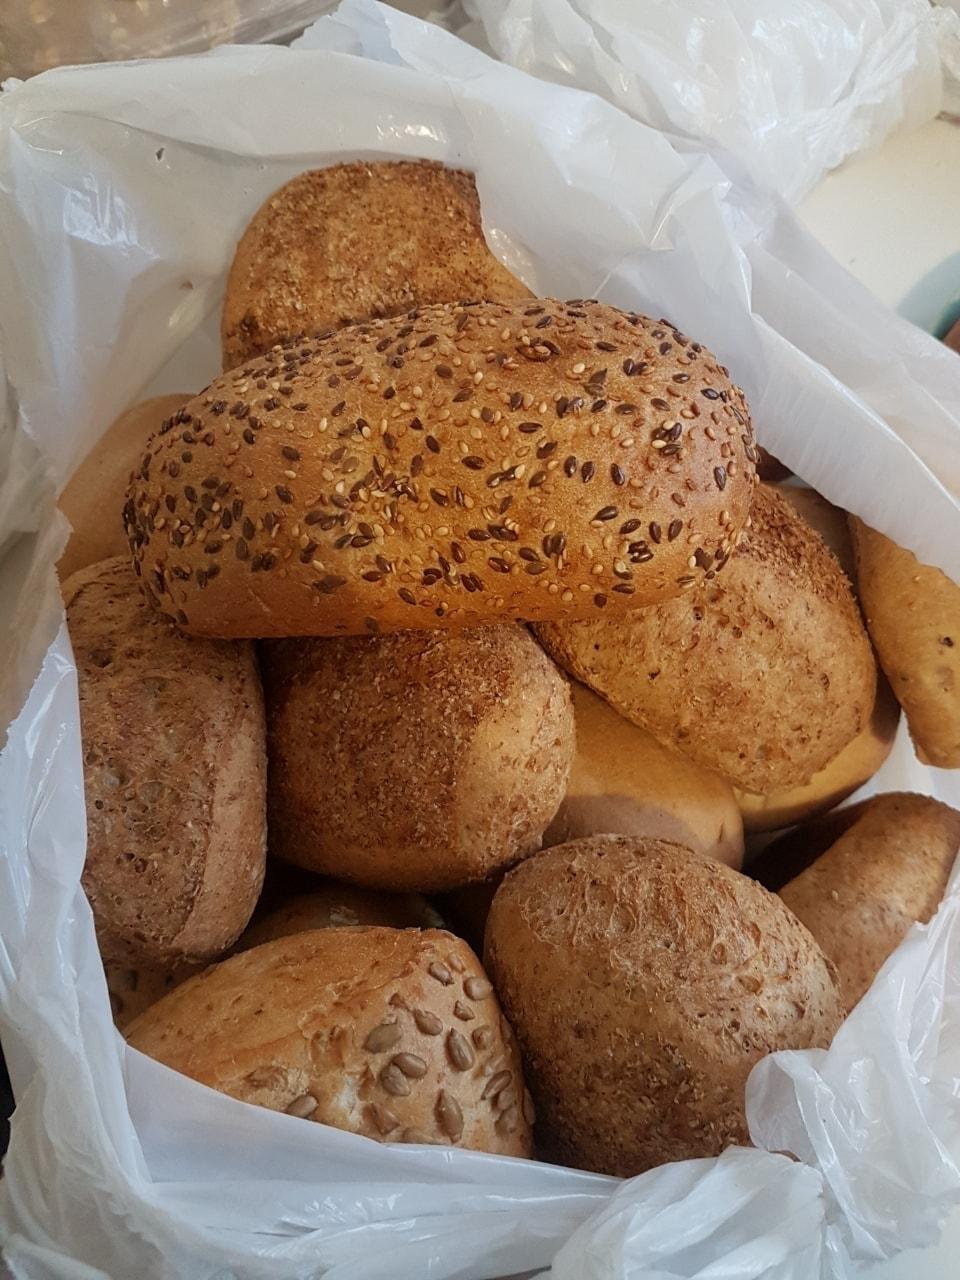 Many bread buns